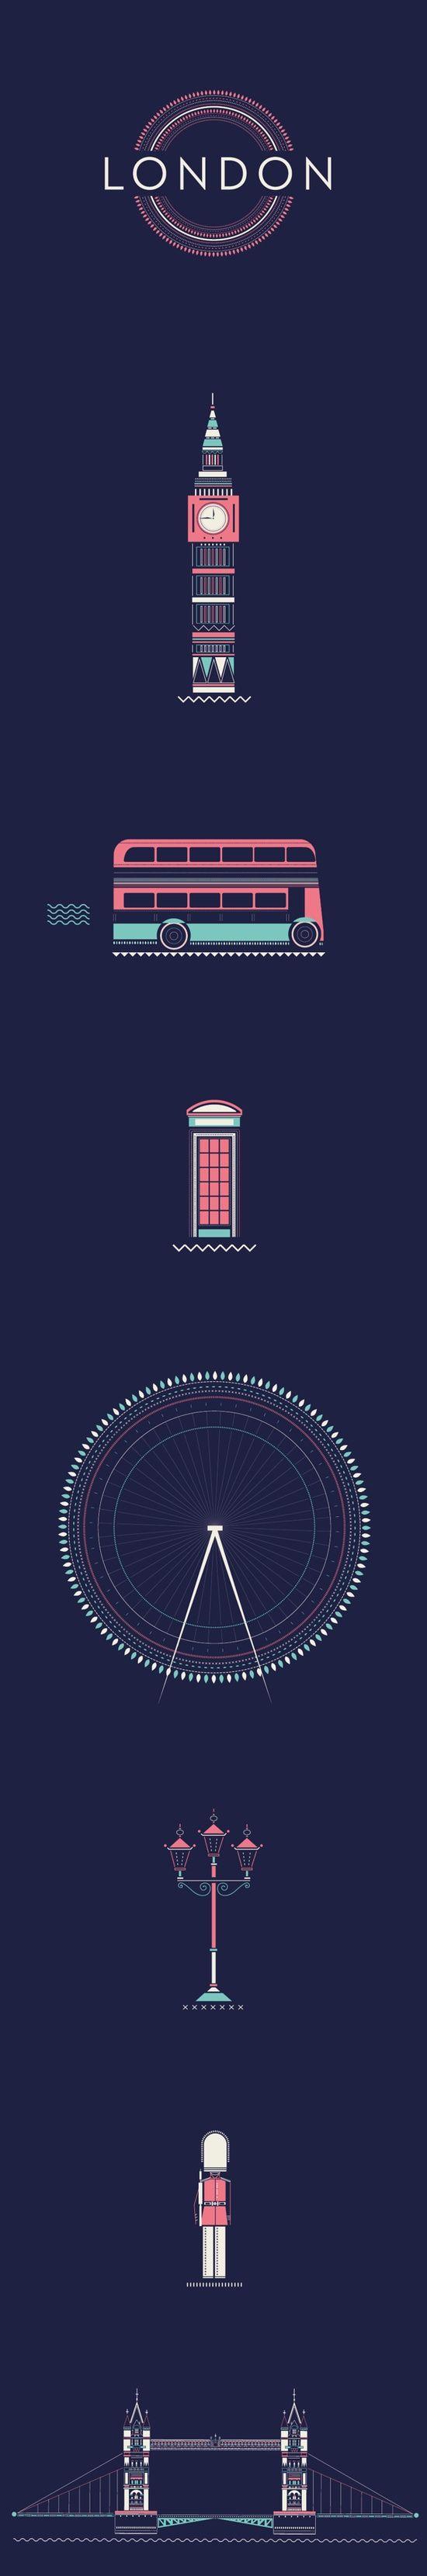 Image Spark - illustration - graphic design - london - illustrationart